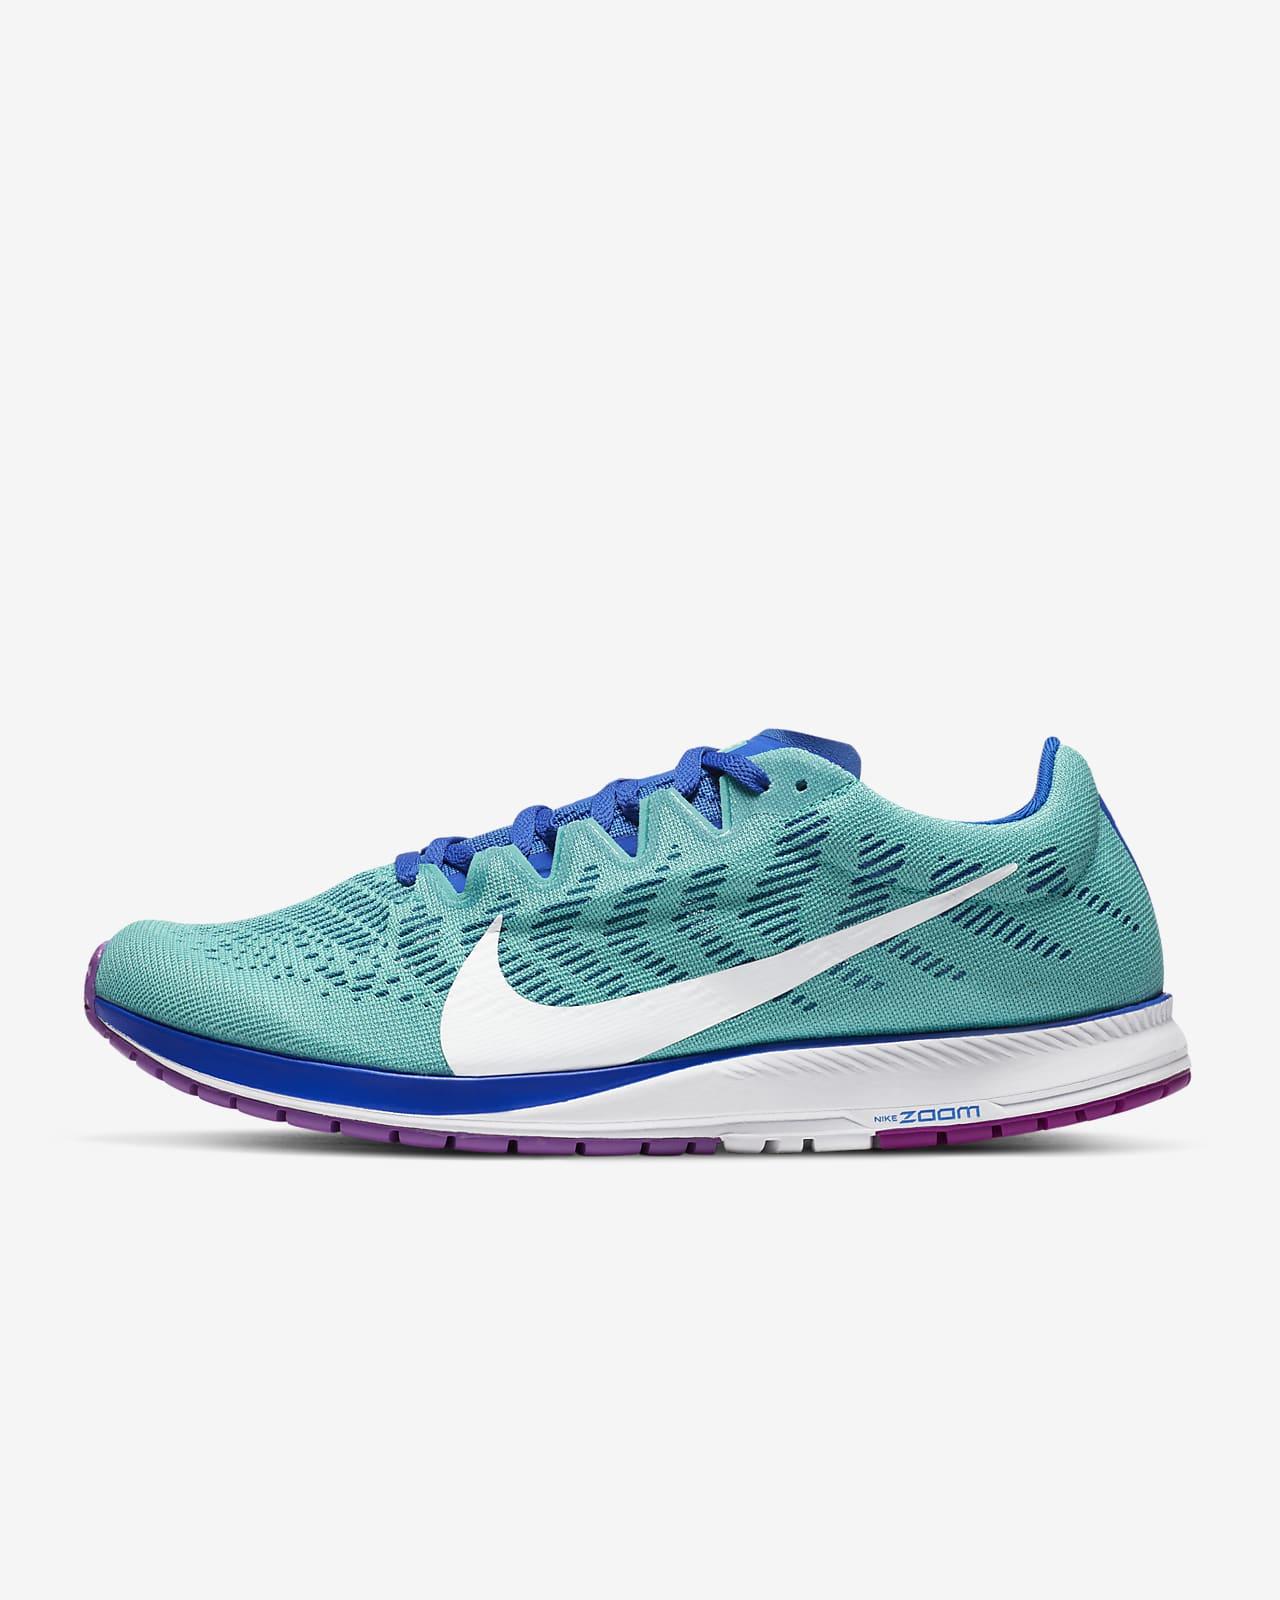 รองเท้าวิ่ง Nike Air Zoom Streak 7